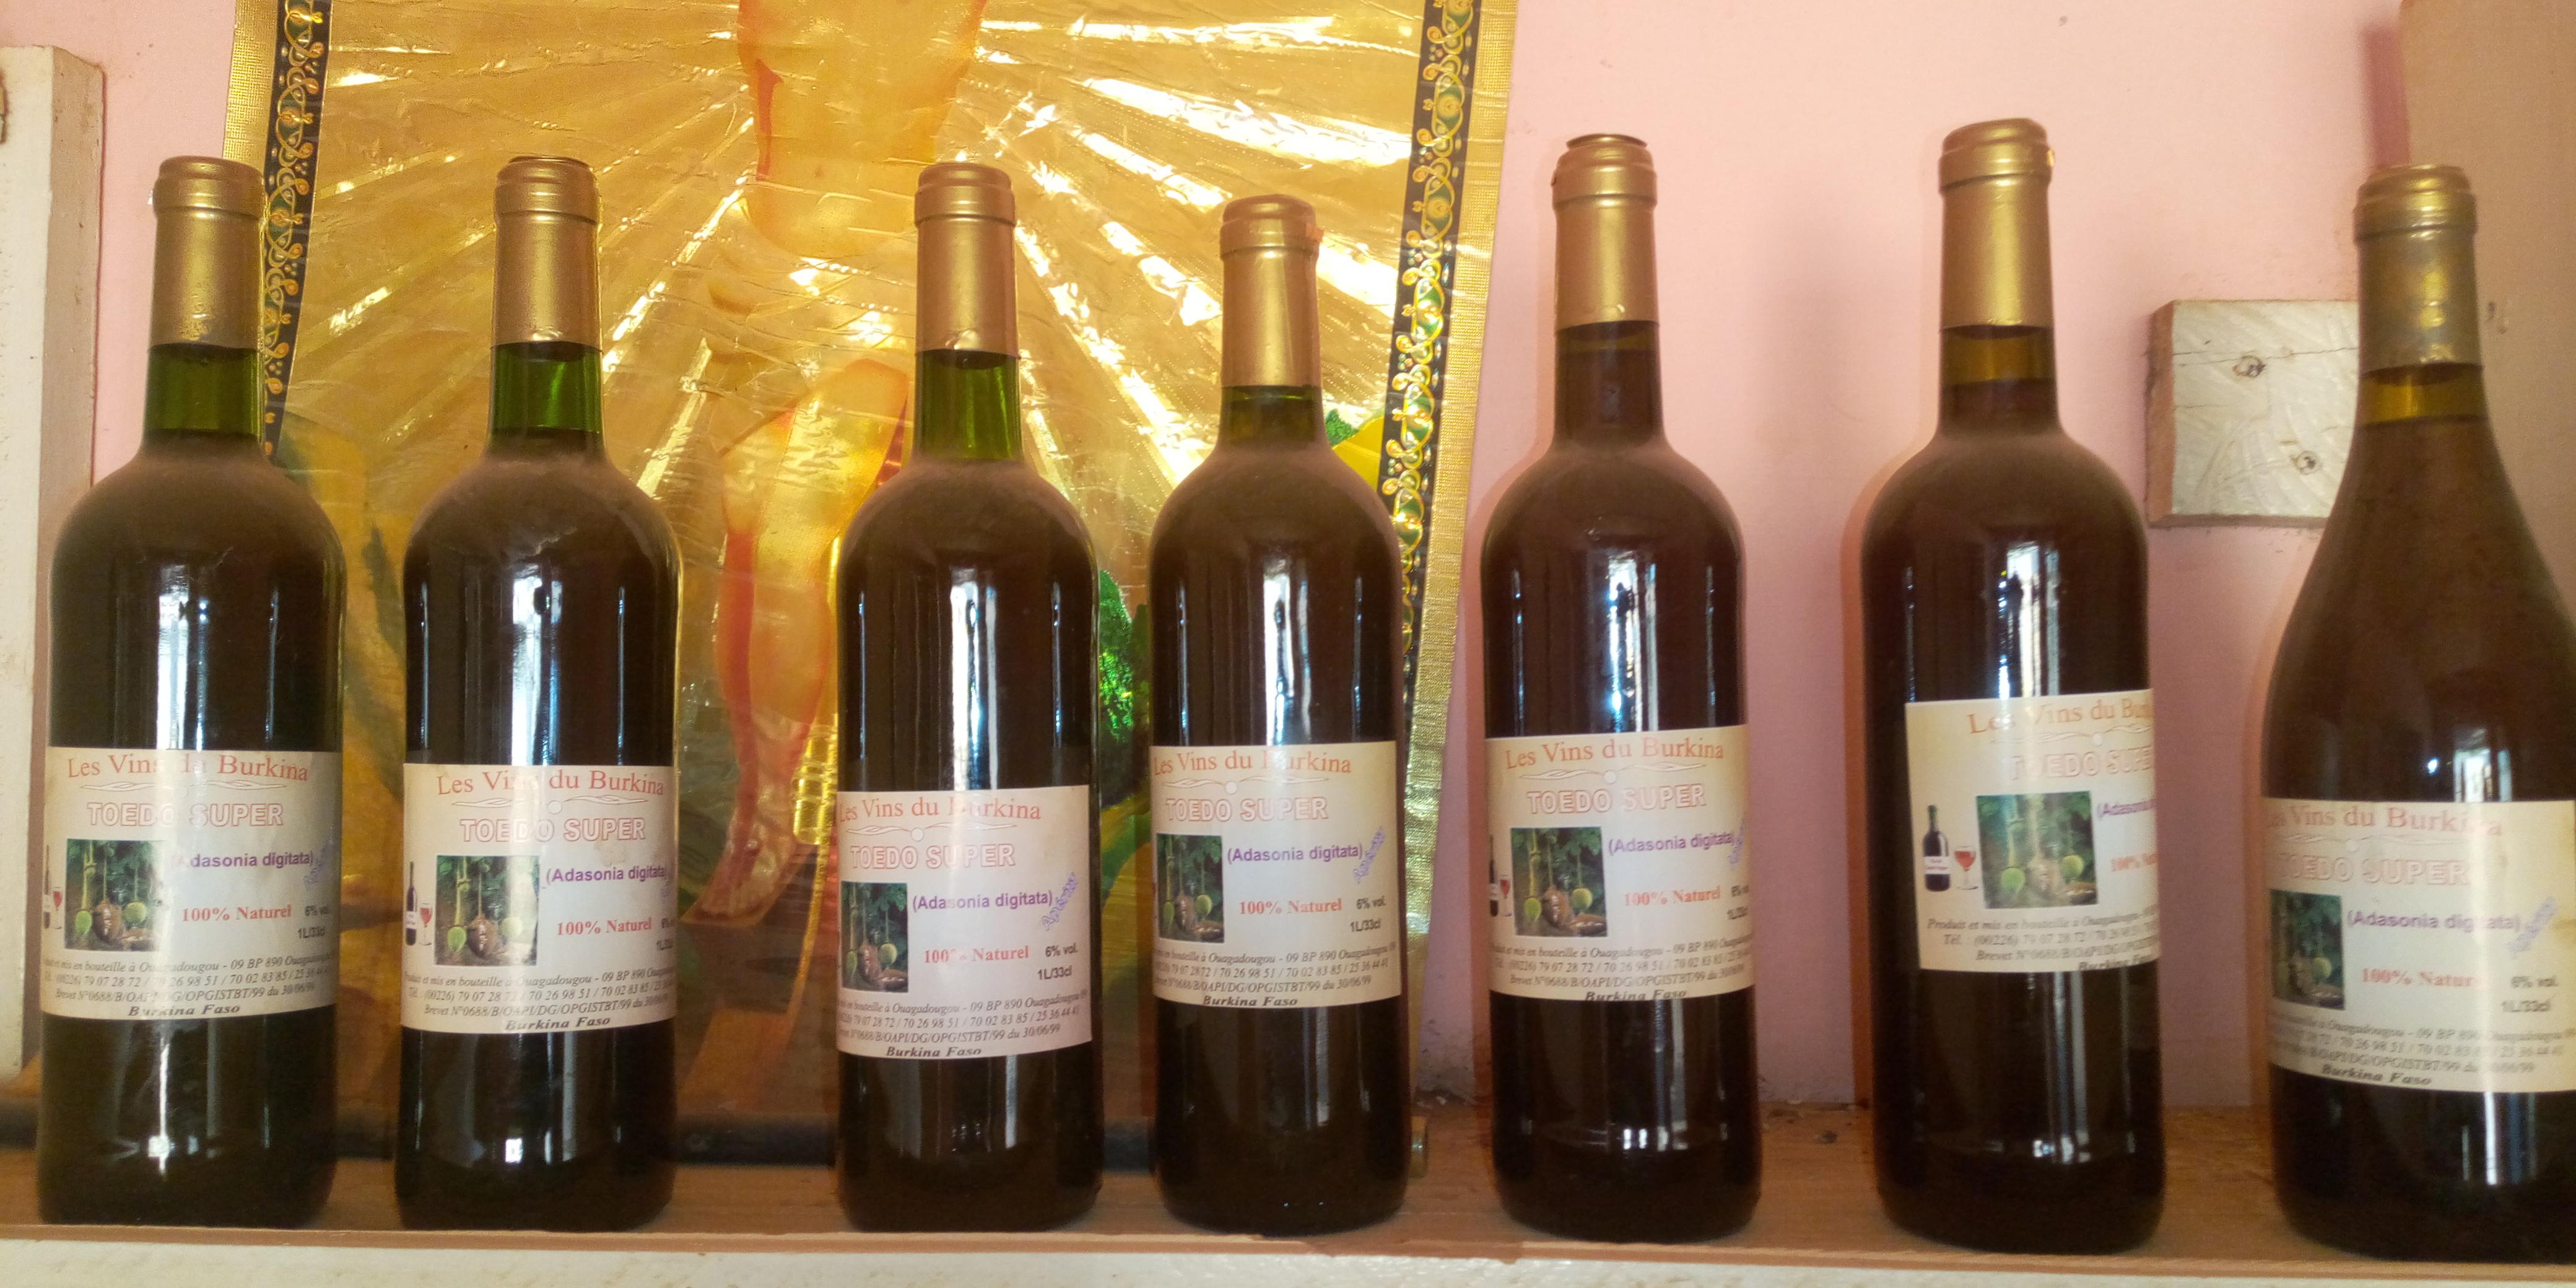 « Les Vins du Burkina » : La marque de vin 100% Burkinabè